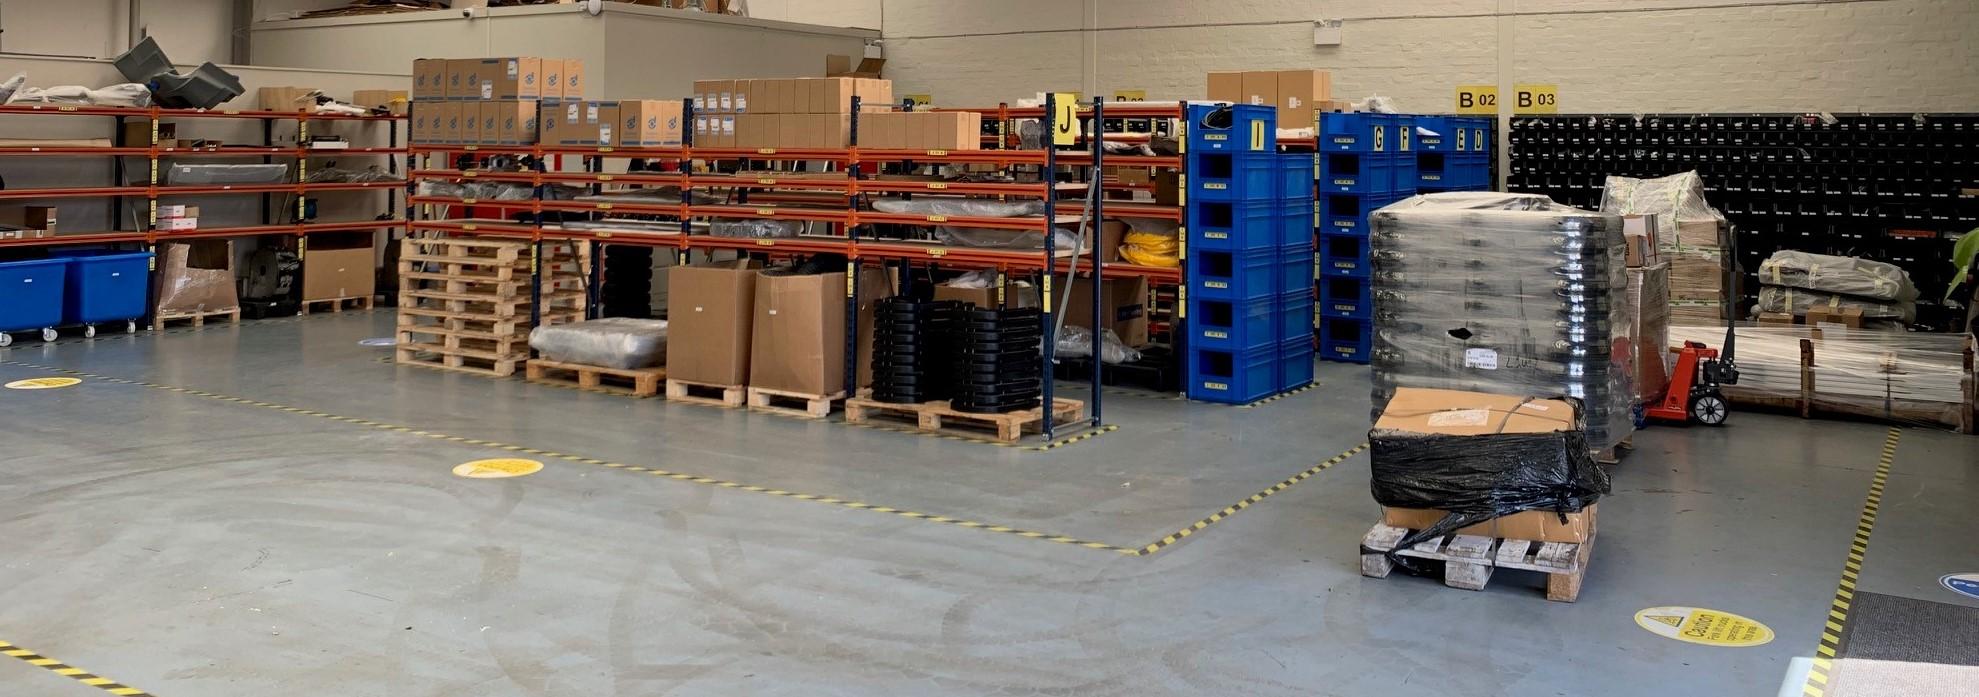 Green Machines warehouse